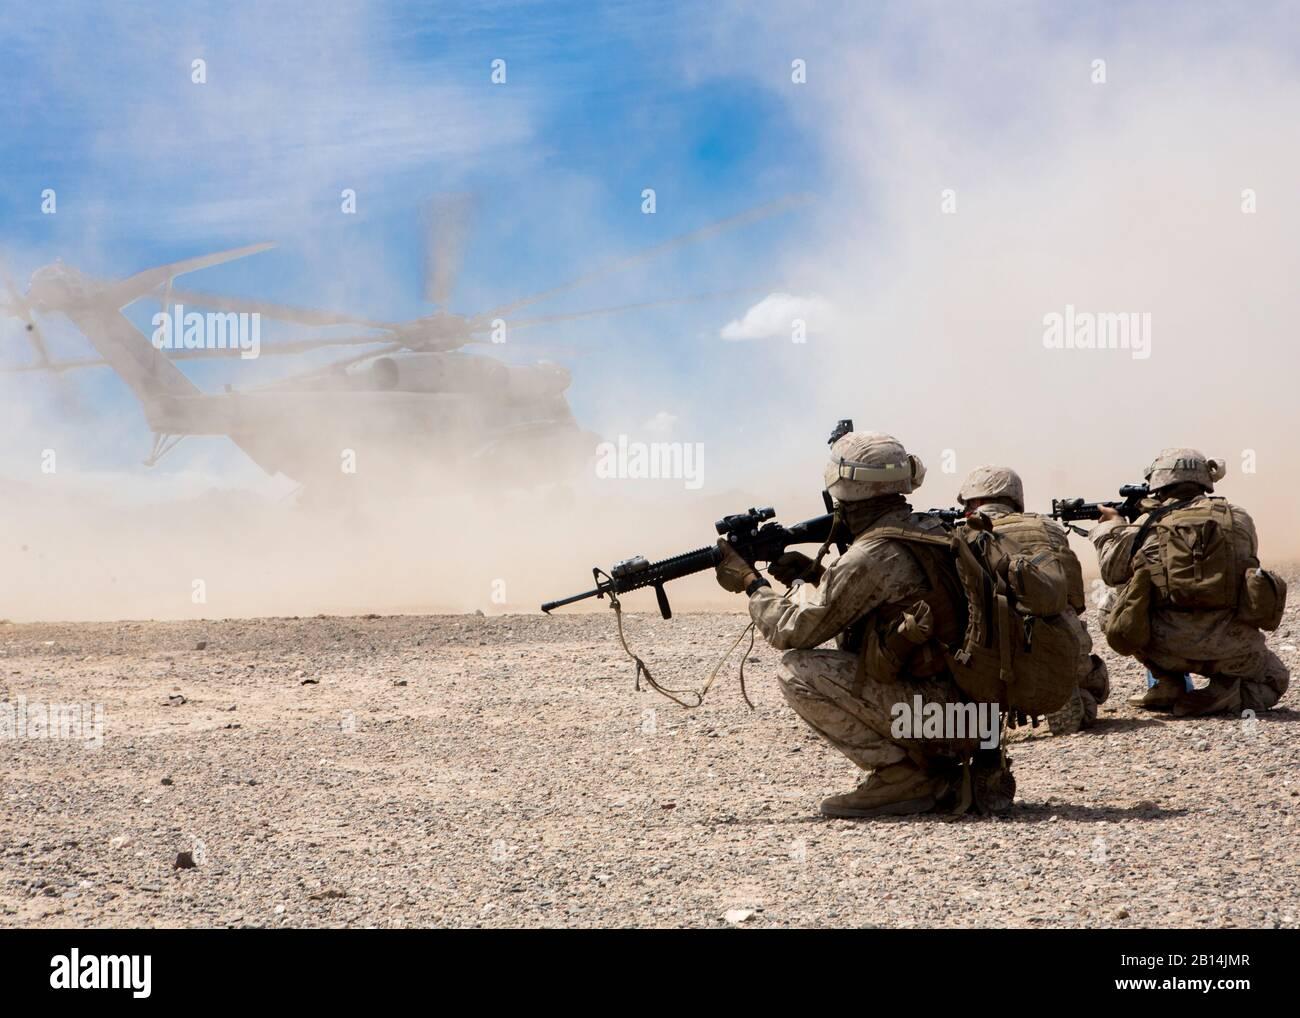 Marines estadounidenses con batería Bravo, 1er Batallón, 10º Regimiento de la Infantería de Marina, la 2ª División de Infantería de Marina a proporcionar seguridad durante un CH-53 día batalla perforar en apoyo de armas y tácticas del curso de instructores (WTI) 2-17 a base de fuego Burt. California, 8 de abril de 2017. El WTI es un evento de capacitación de siete semanas organizado por la Aviación Marina armas y tácticas de escuadrón MAWTS Uno (cuadro 1), que enfatiza la integración operacional de las seis funciones de aviación del Cuerpo de Infantería de Marina en apoyo de una masa de aire marino Task Force. El WTI proporciona entrenamiento táctico avanzado estandarizado y certificación de instructor de la unidad de calificación para sup Foto de stock